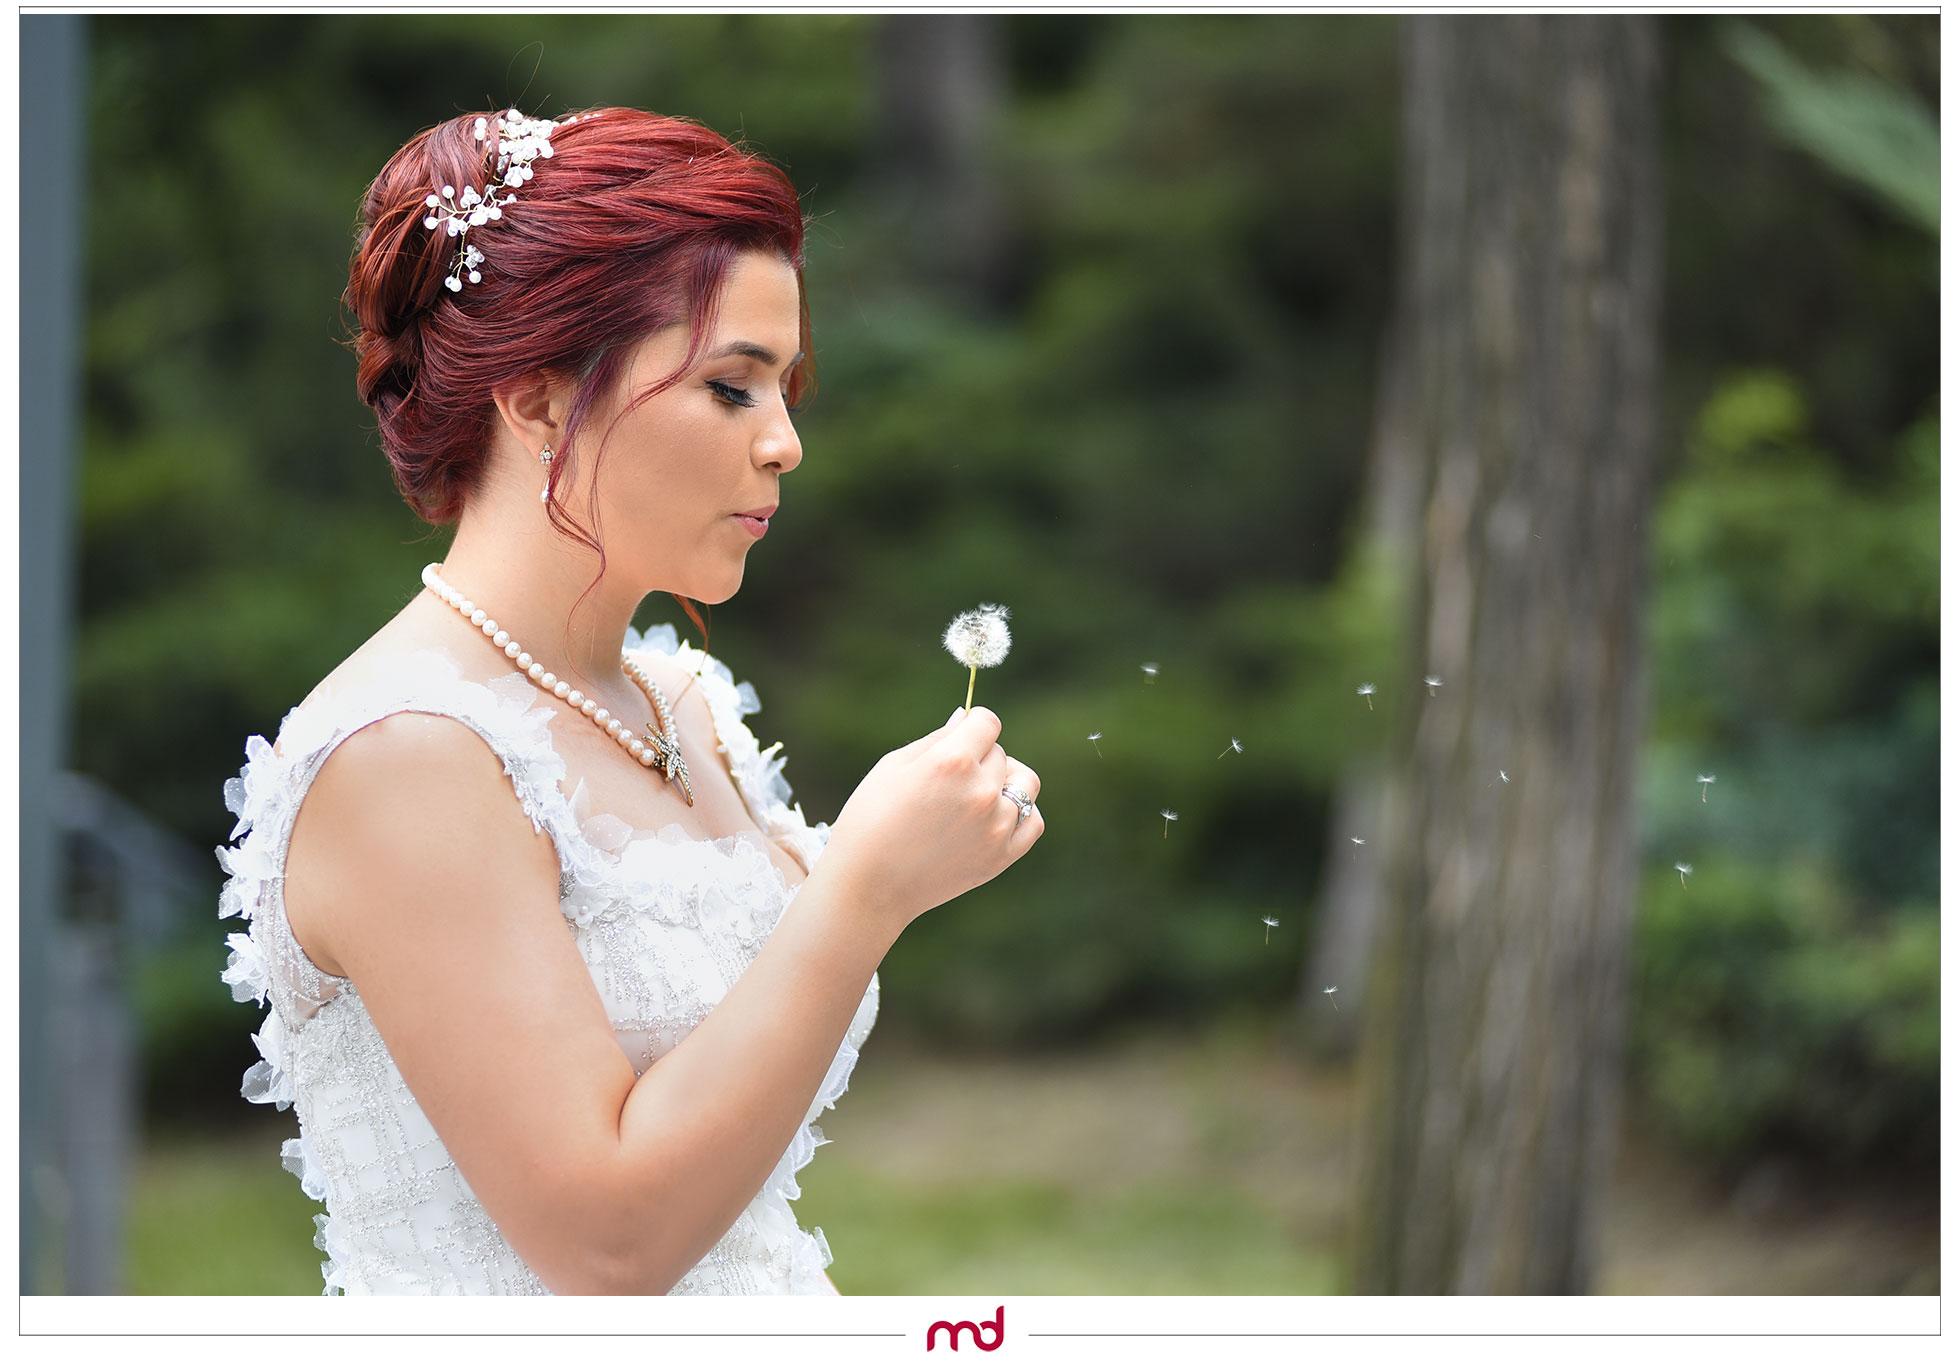 İzmir dış çekim düğün fotoğrafları, izmir düğün fotoğrafçısı, murat dutlu